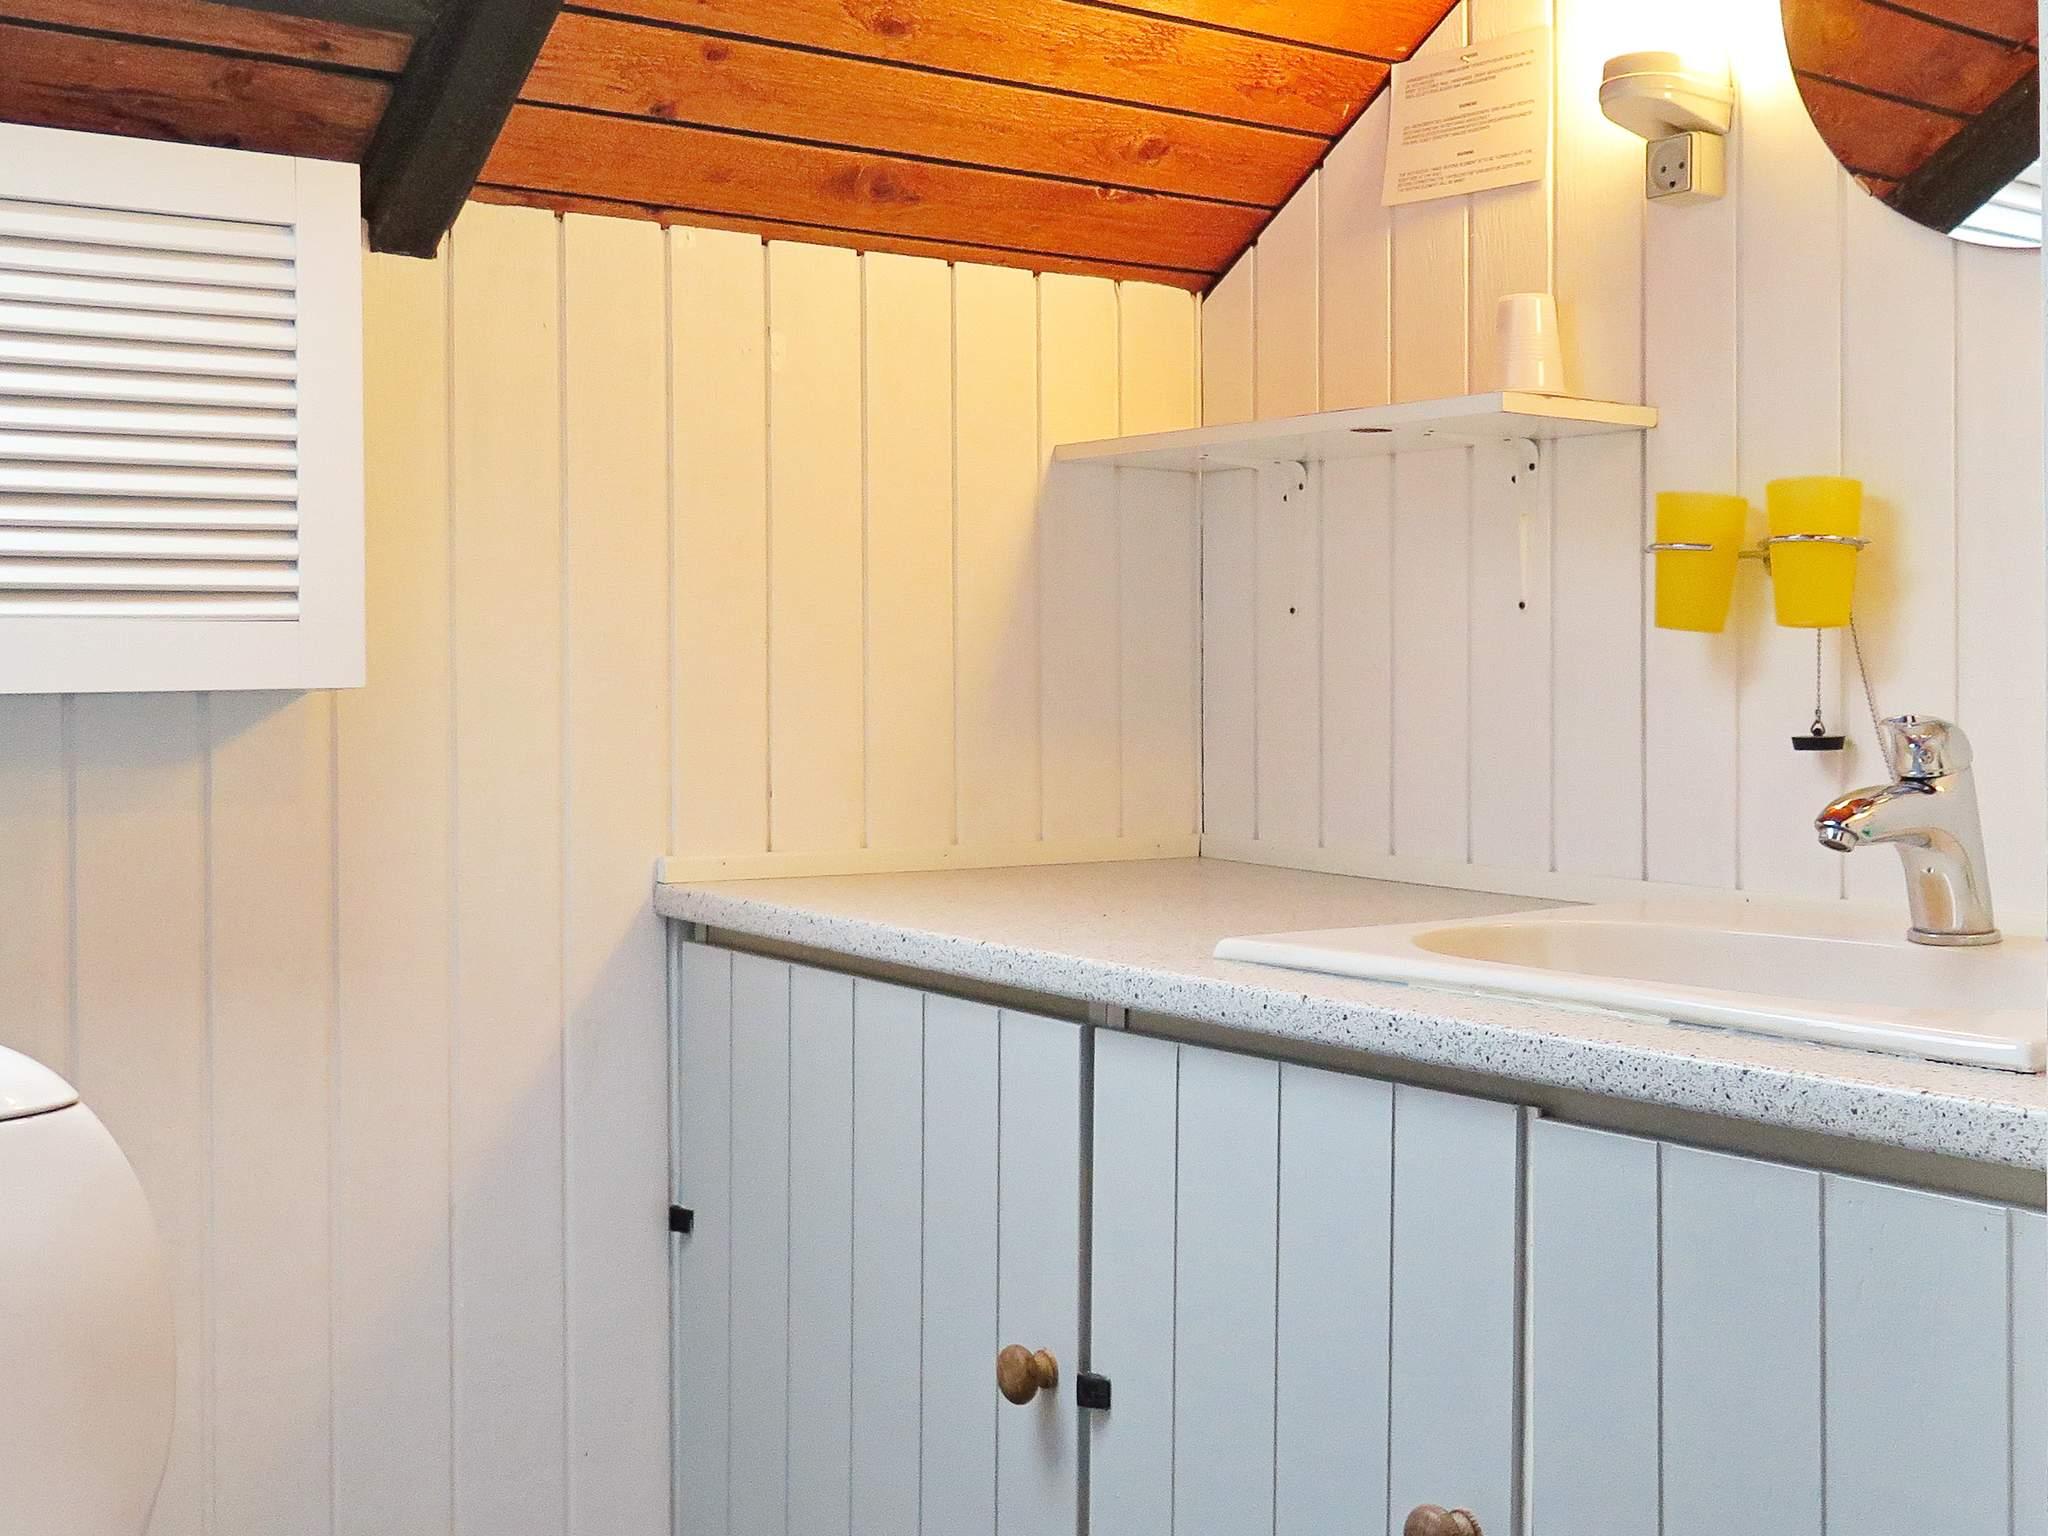 Ferienhaus Vejlby Klit (88935), Harboøre, , Limfjord, Dänemark, Bild 9